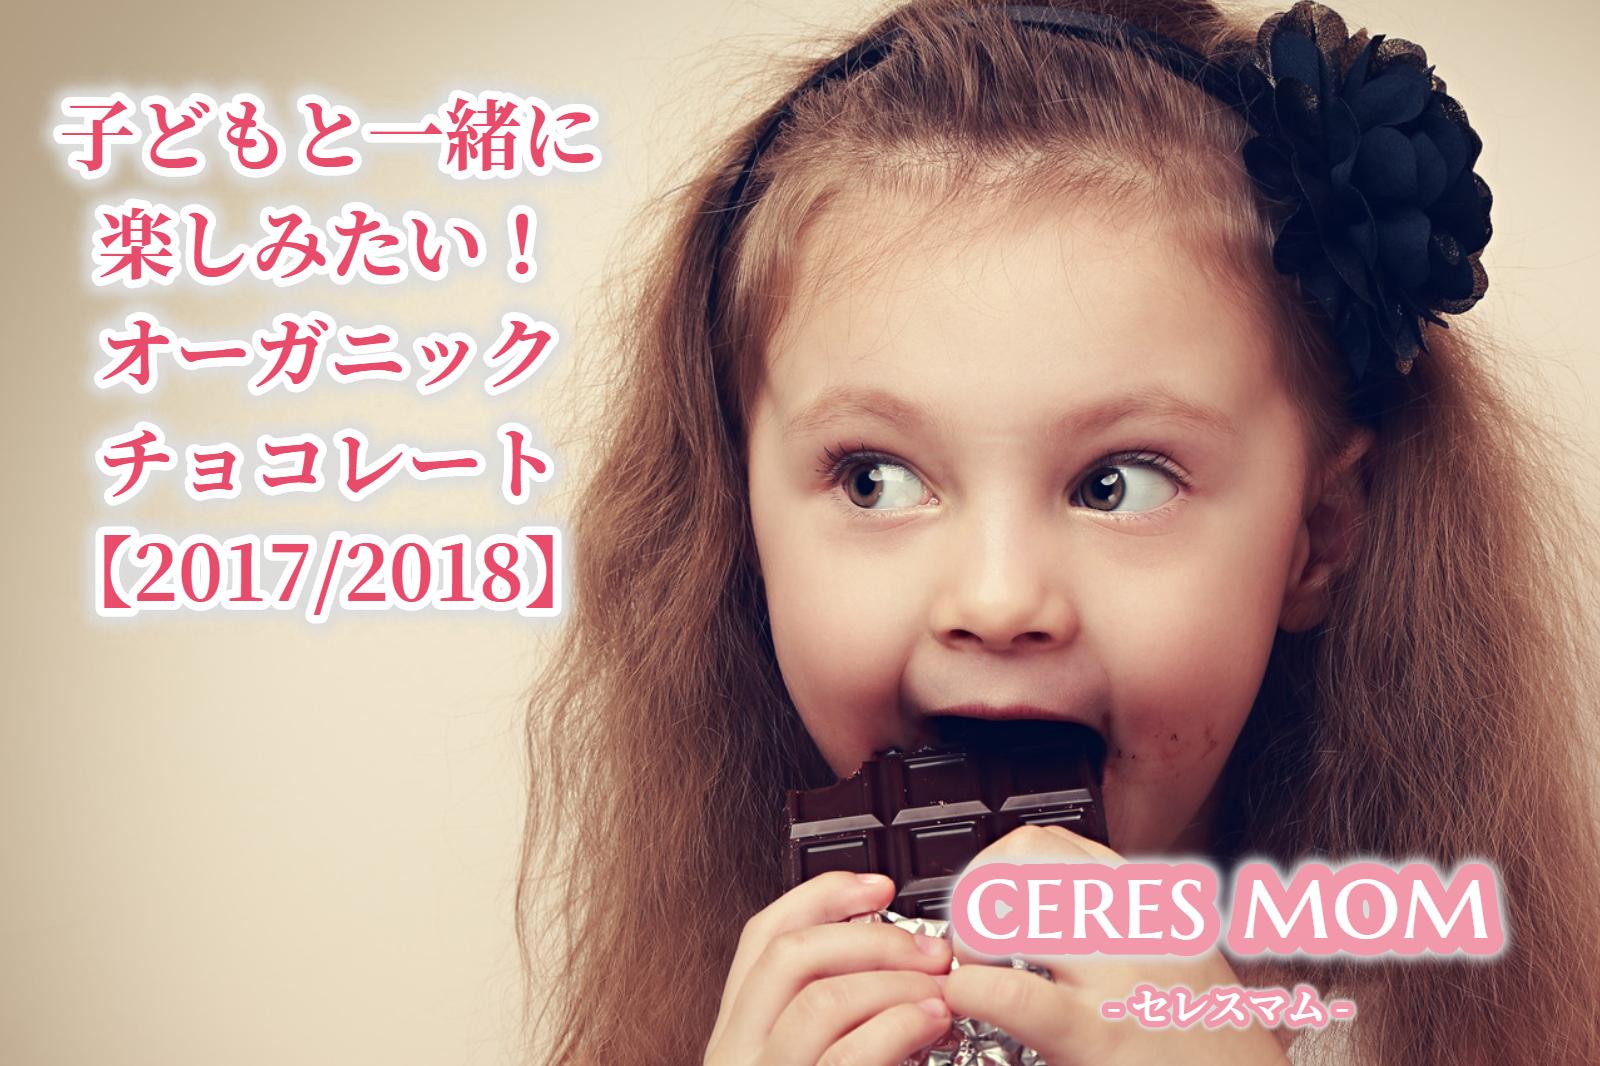 子供と一緒に楽しみたい!オーガニックチョコレート【2017/2018】